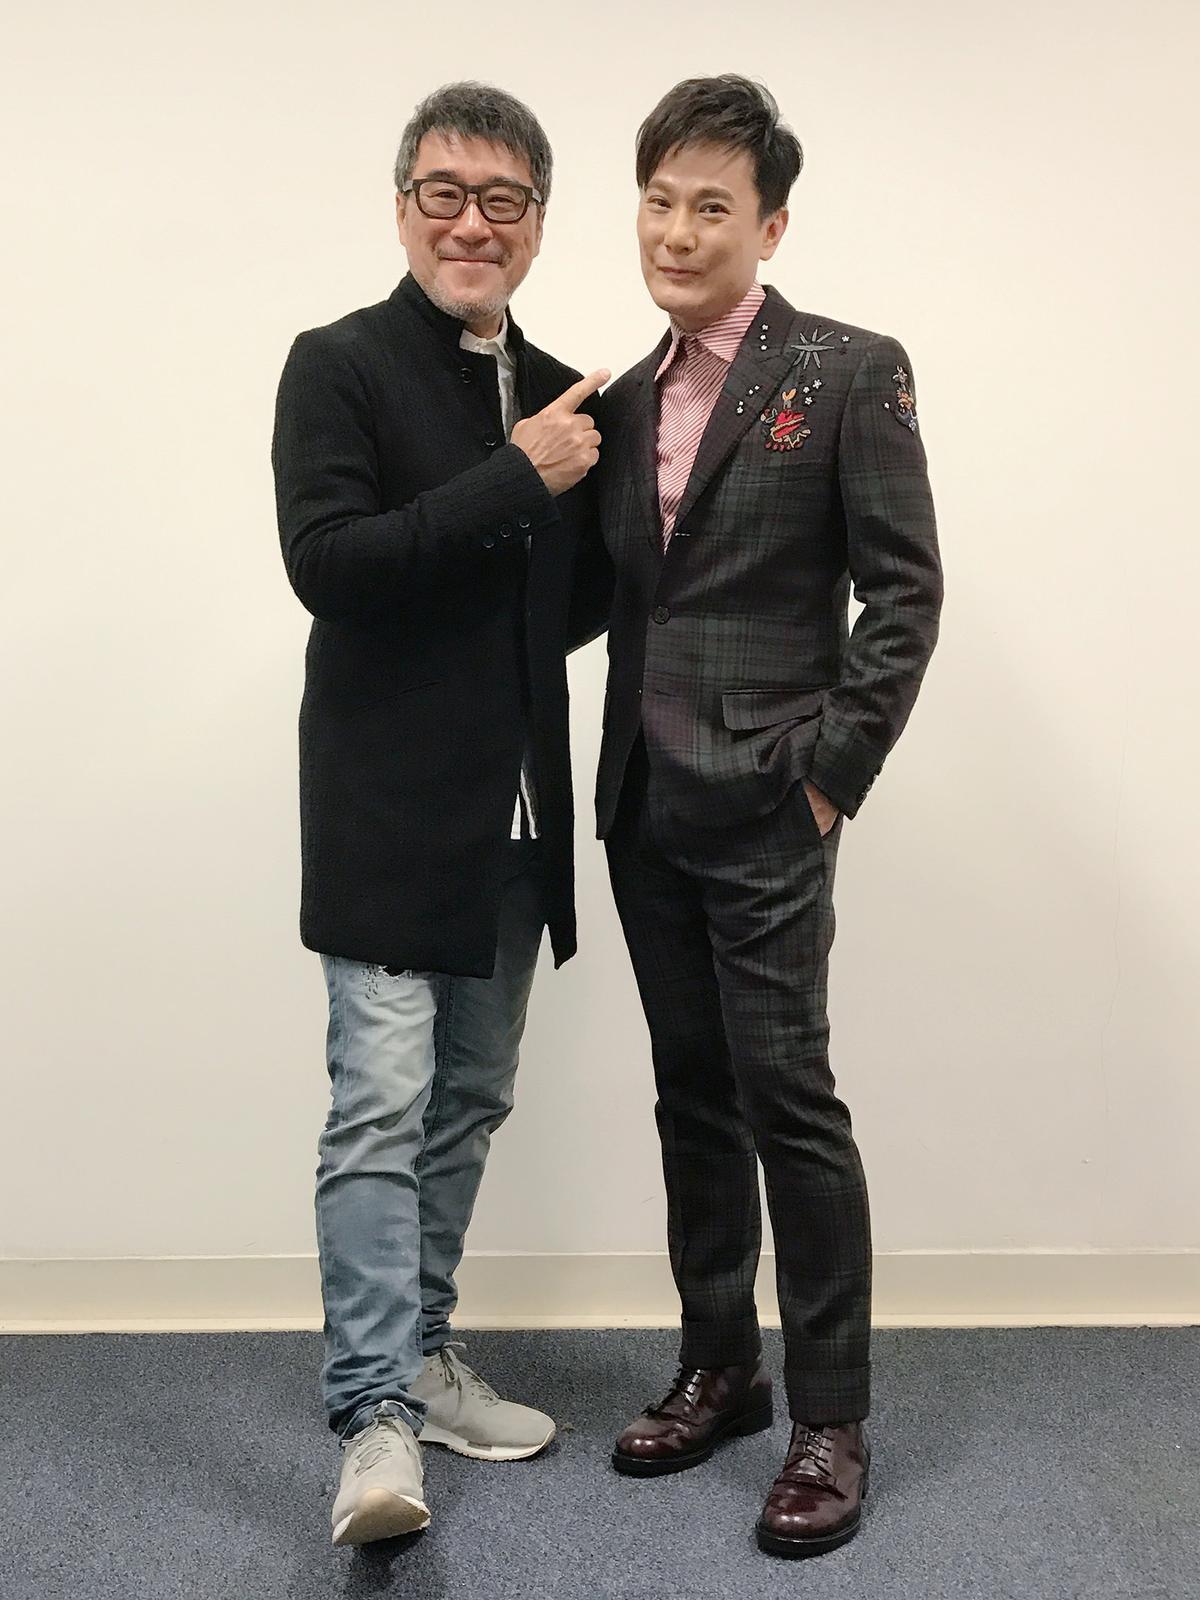 張信哲跨年演出與李宗盛喜相逢,因為〈愛如潮水〉一曲讓2人當年登上事業新高峰。(潮水音樂提供)